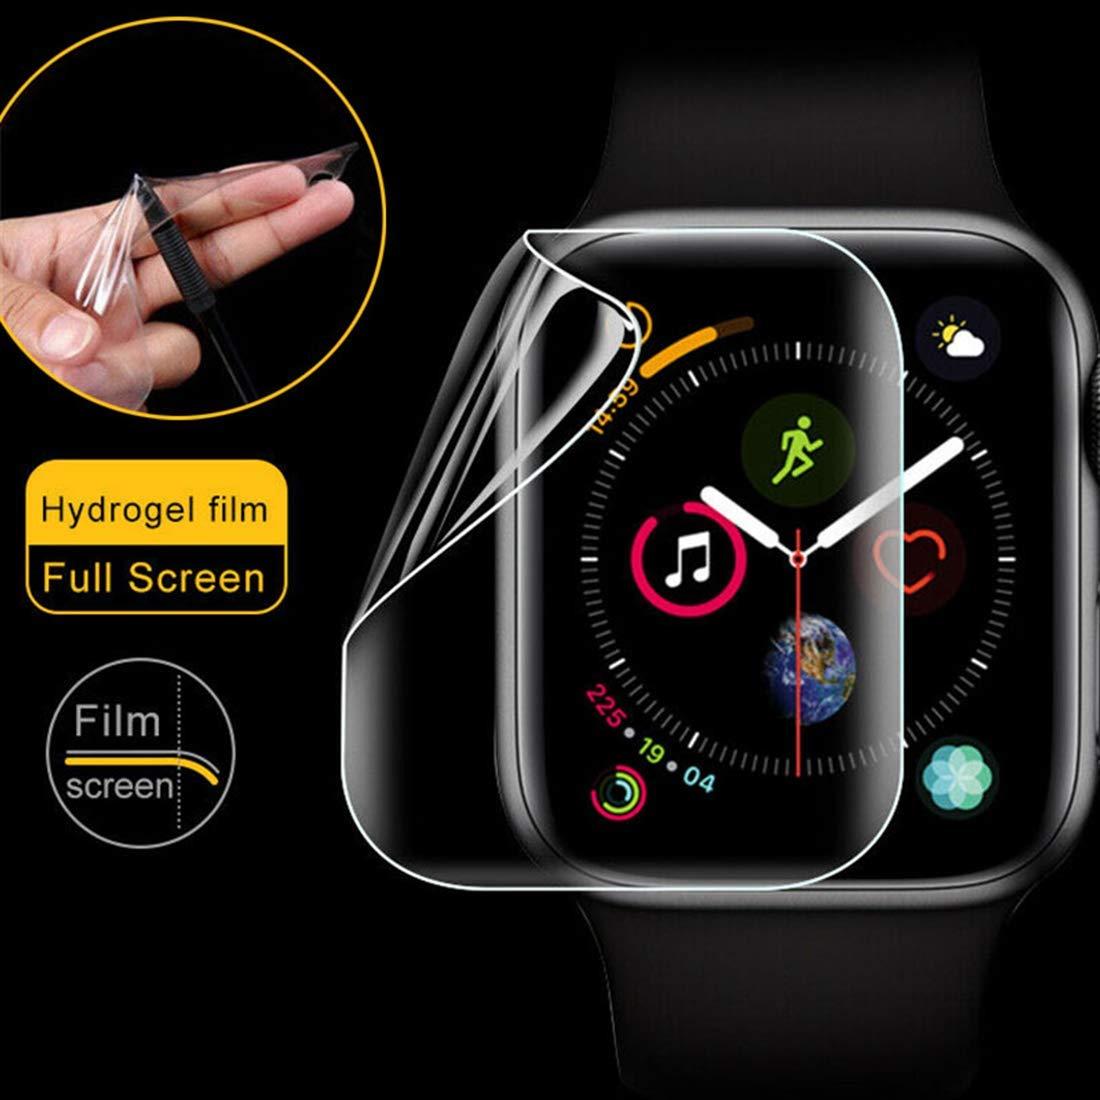 Защита экрана для apple watch band pulseira apple watch 4 3 5 44 мм 40 мм Iwatch band мягкий чехол 9D защитный полный охват|Ремешки для часов|   | АлиЭкспресс